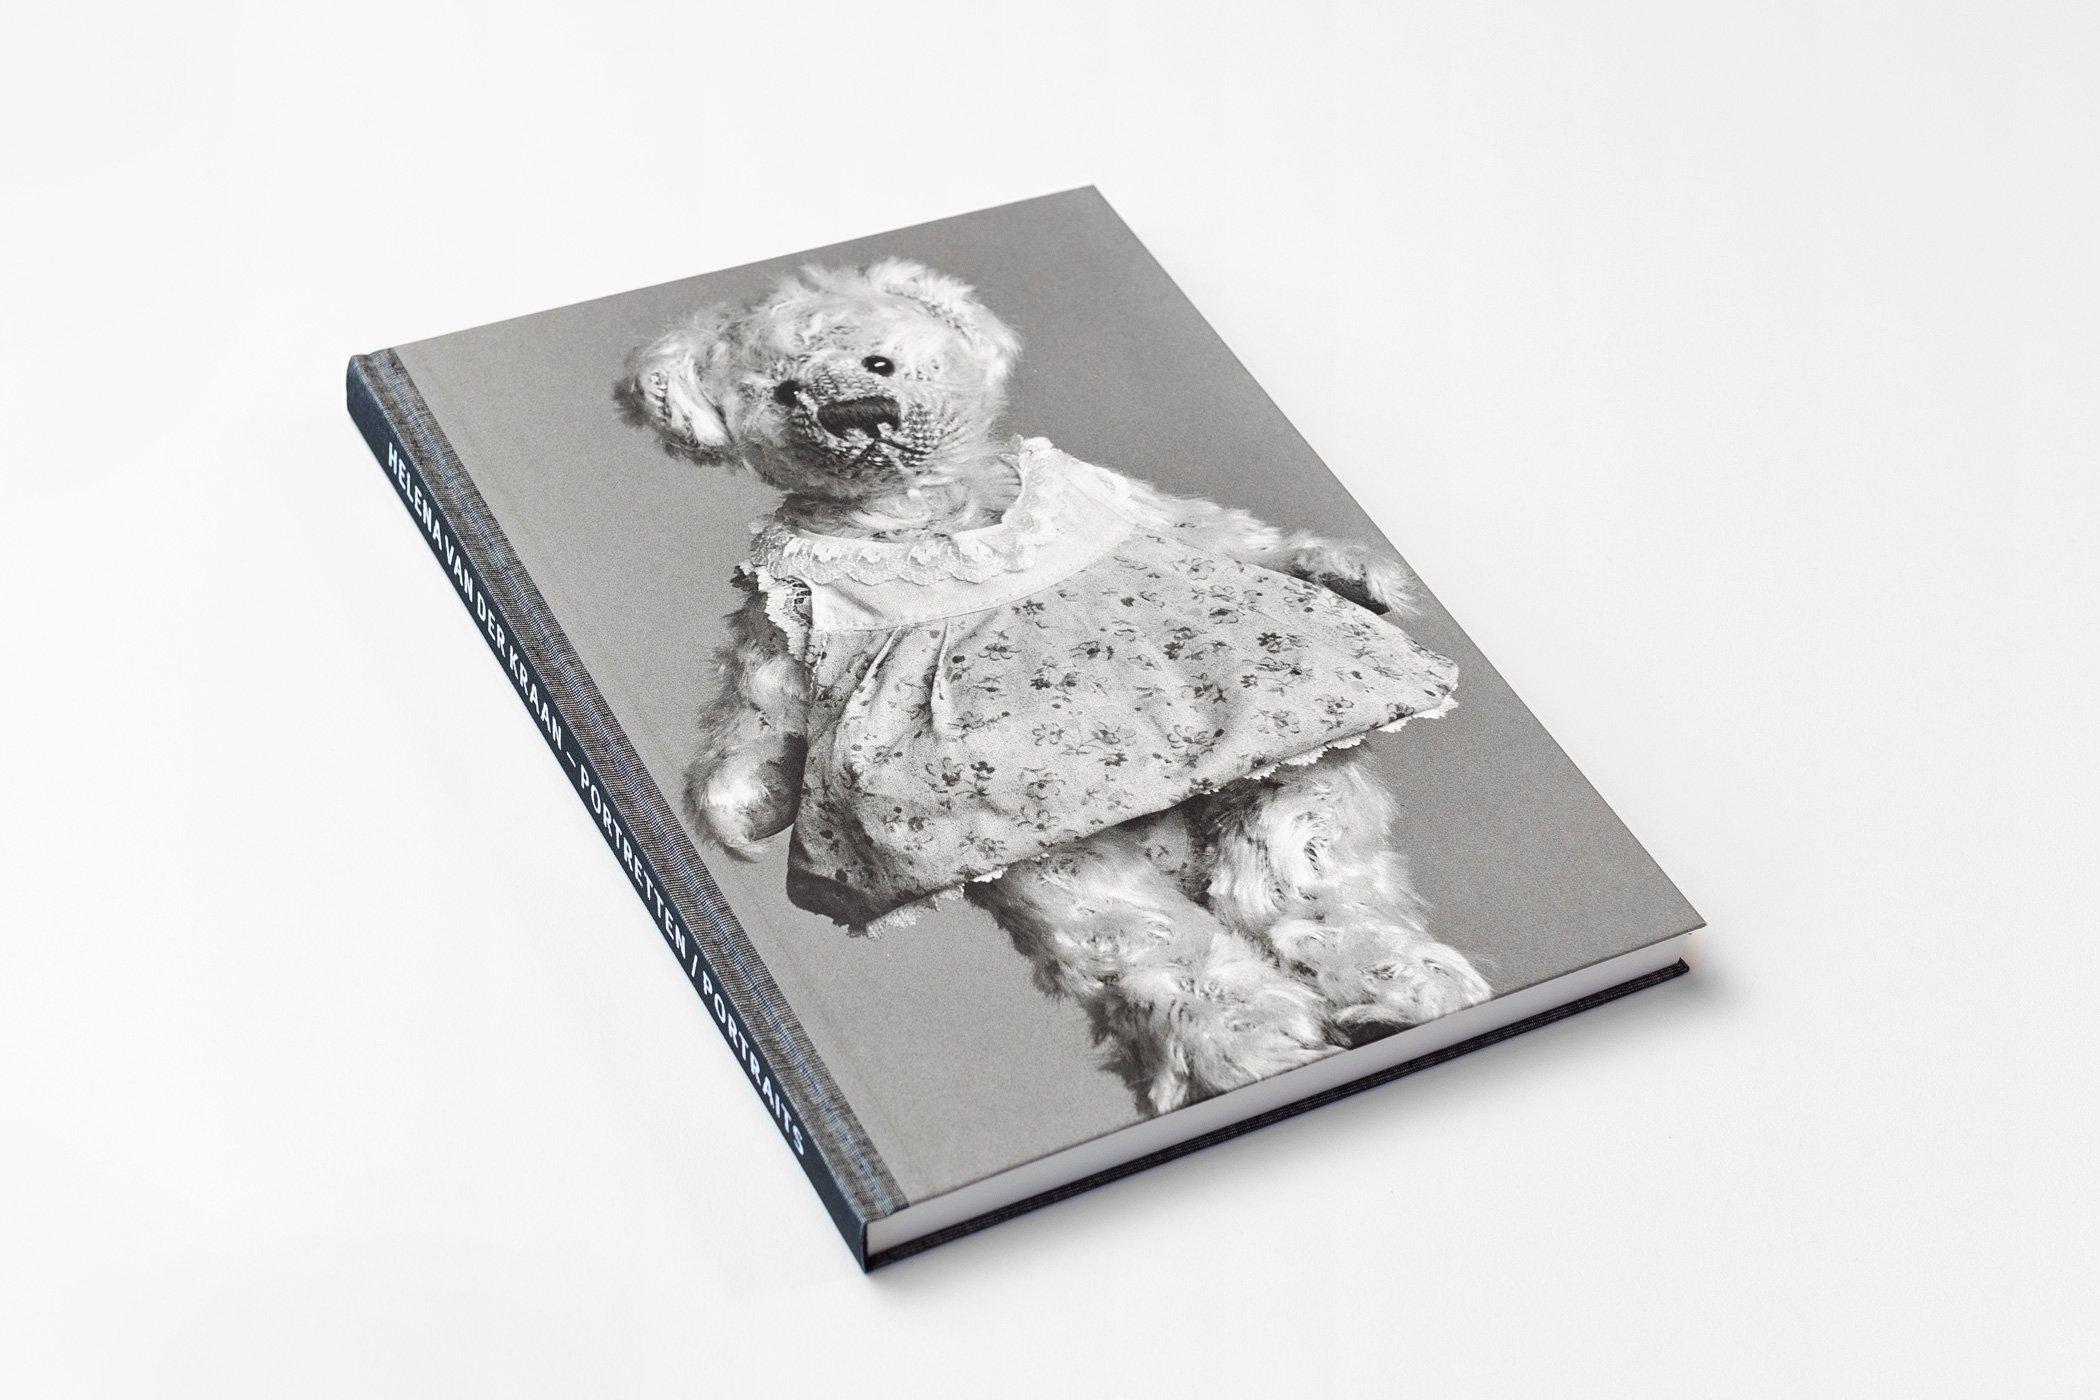 De Monsterkamer - Helena van der Kraan: Portretten/Portraits. Willem van Zoetendaal